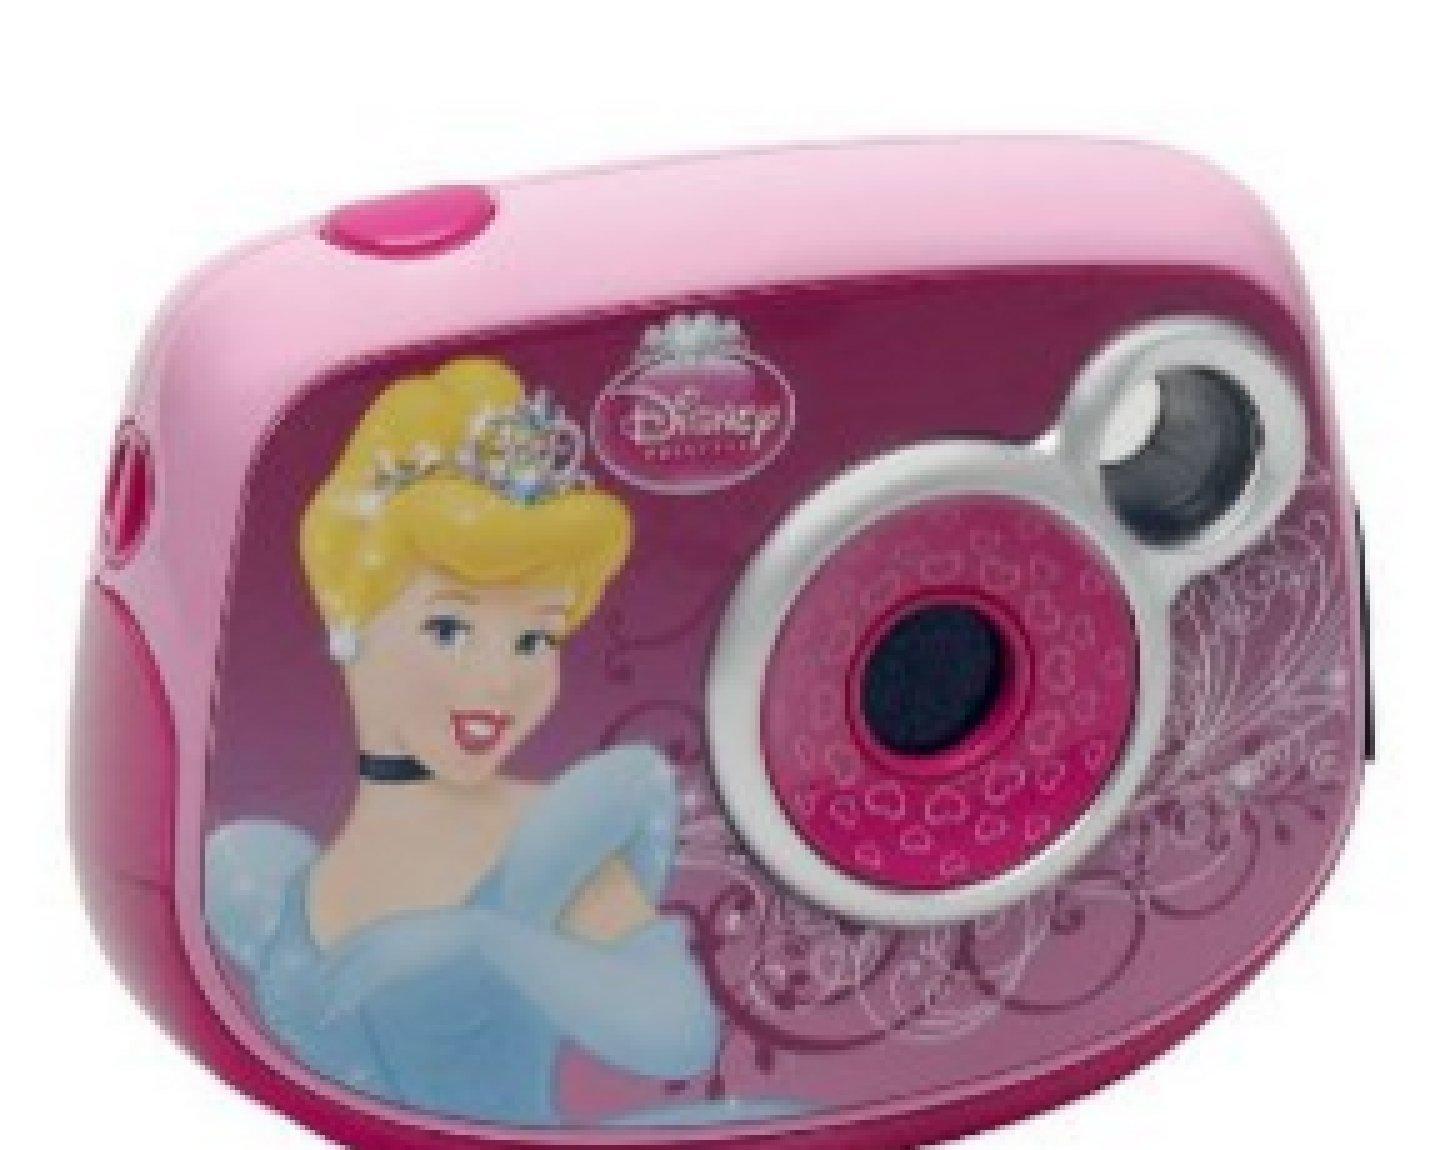 Lexibook - DJ014DP - Jeu Électronique - Appareil Photo Numérique - Disney Princesse 1,3 Mégapixels [並行輸入品] B01DSD1HCA